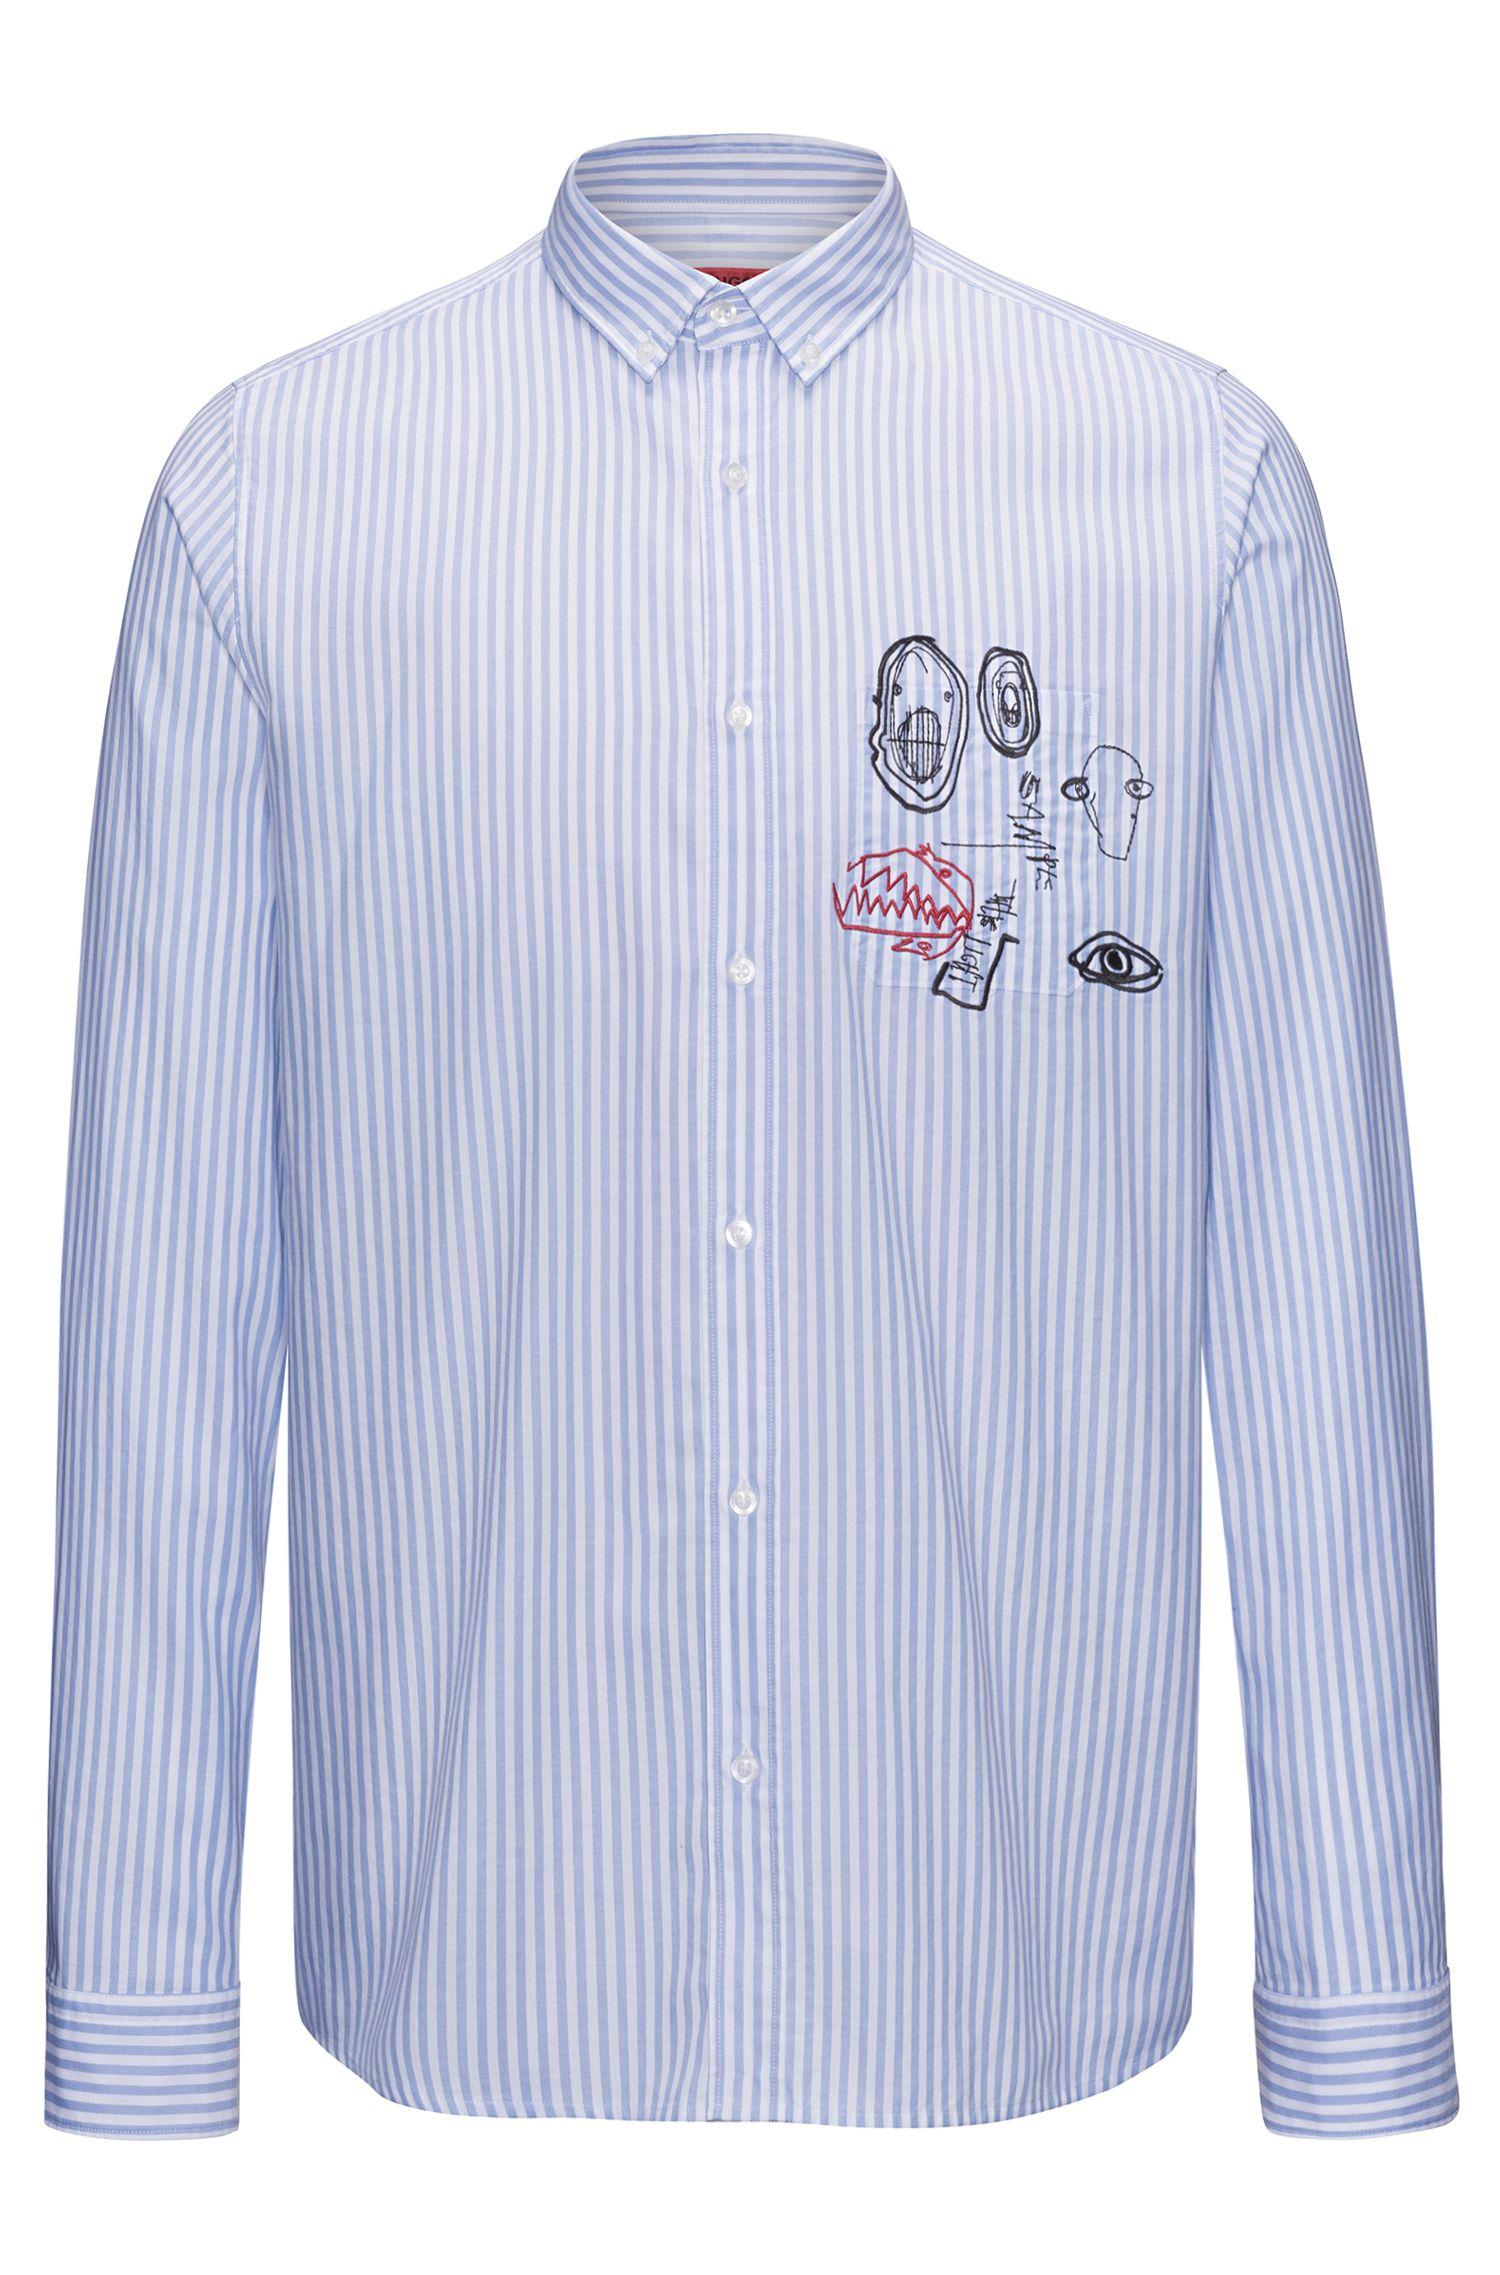 Besticktes Relaxed-Fit Hemd aus Baumwolle